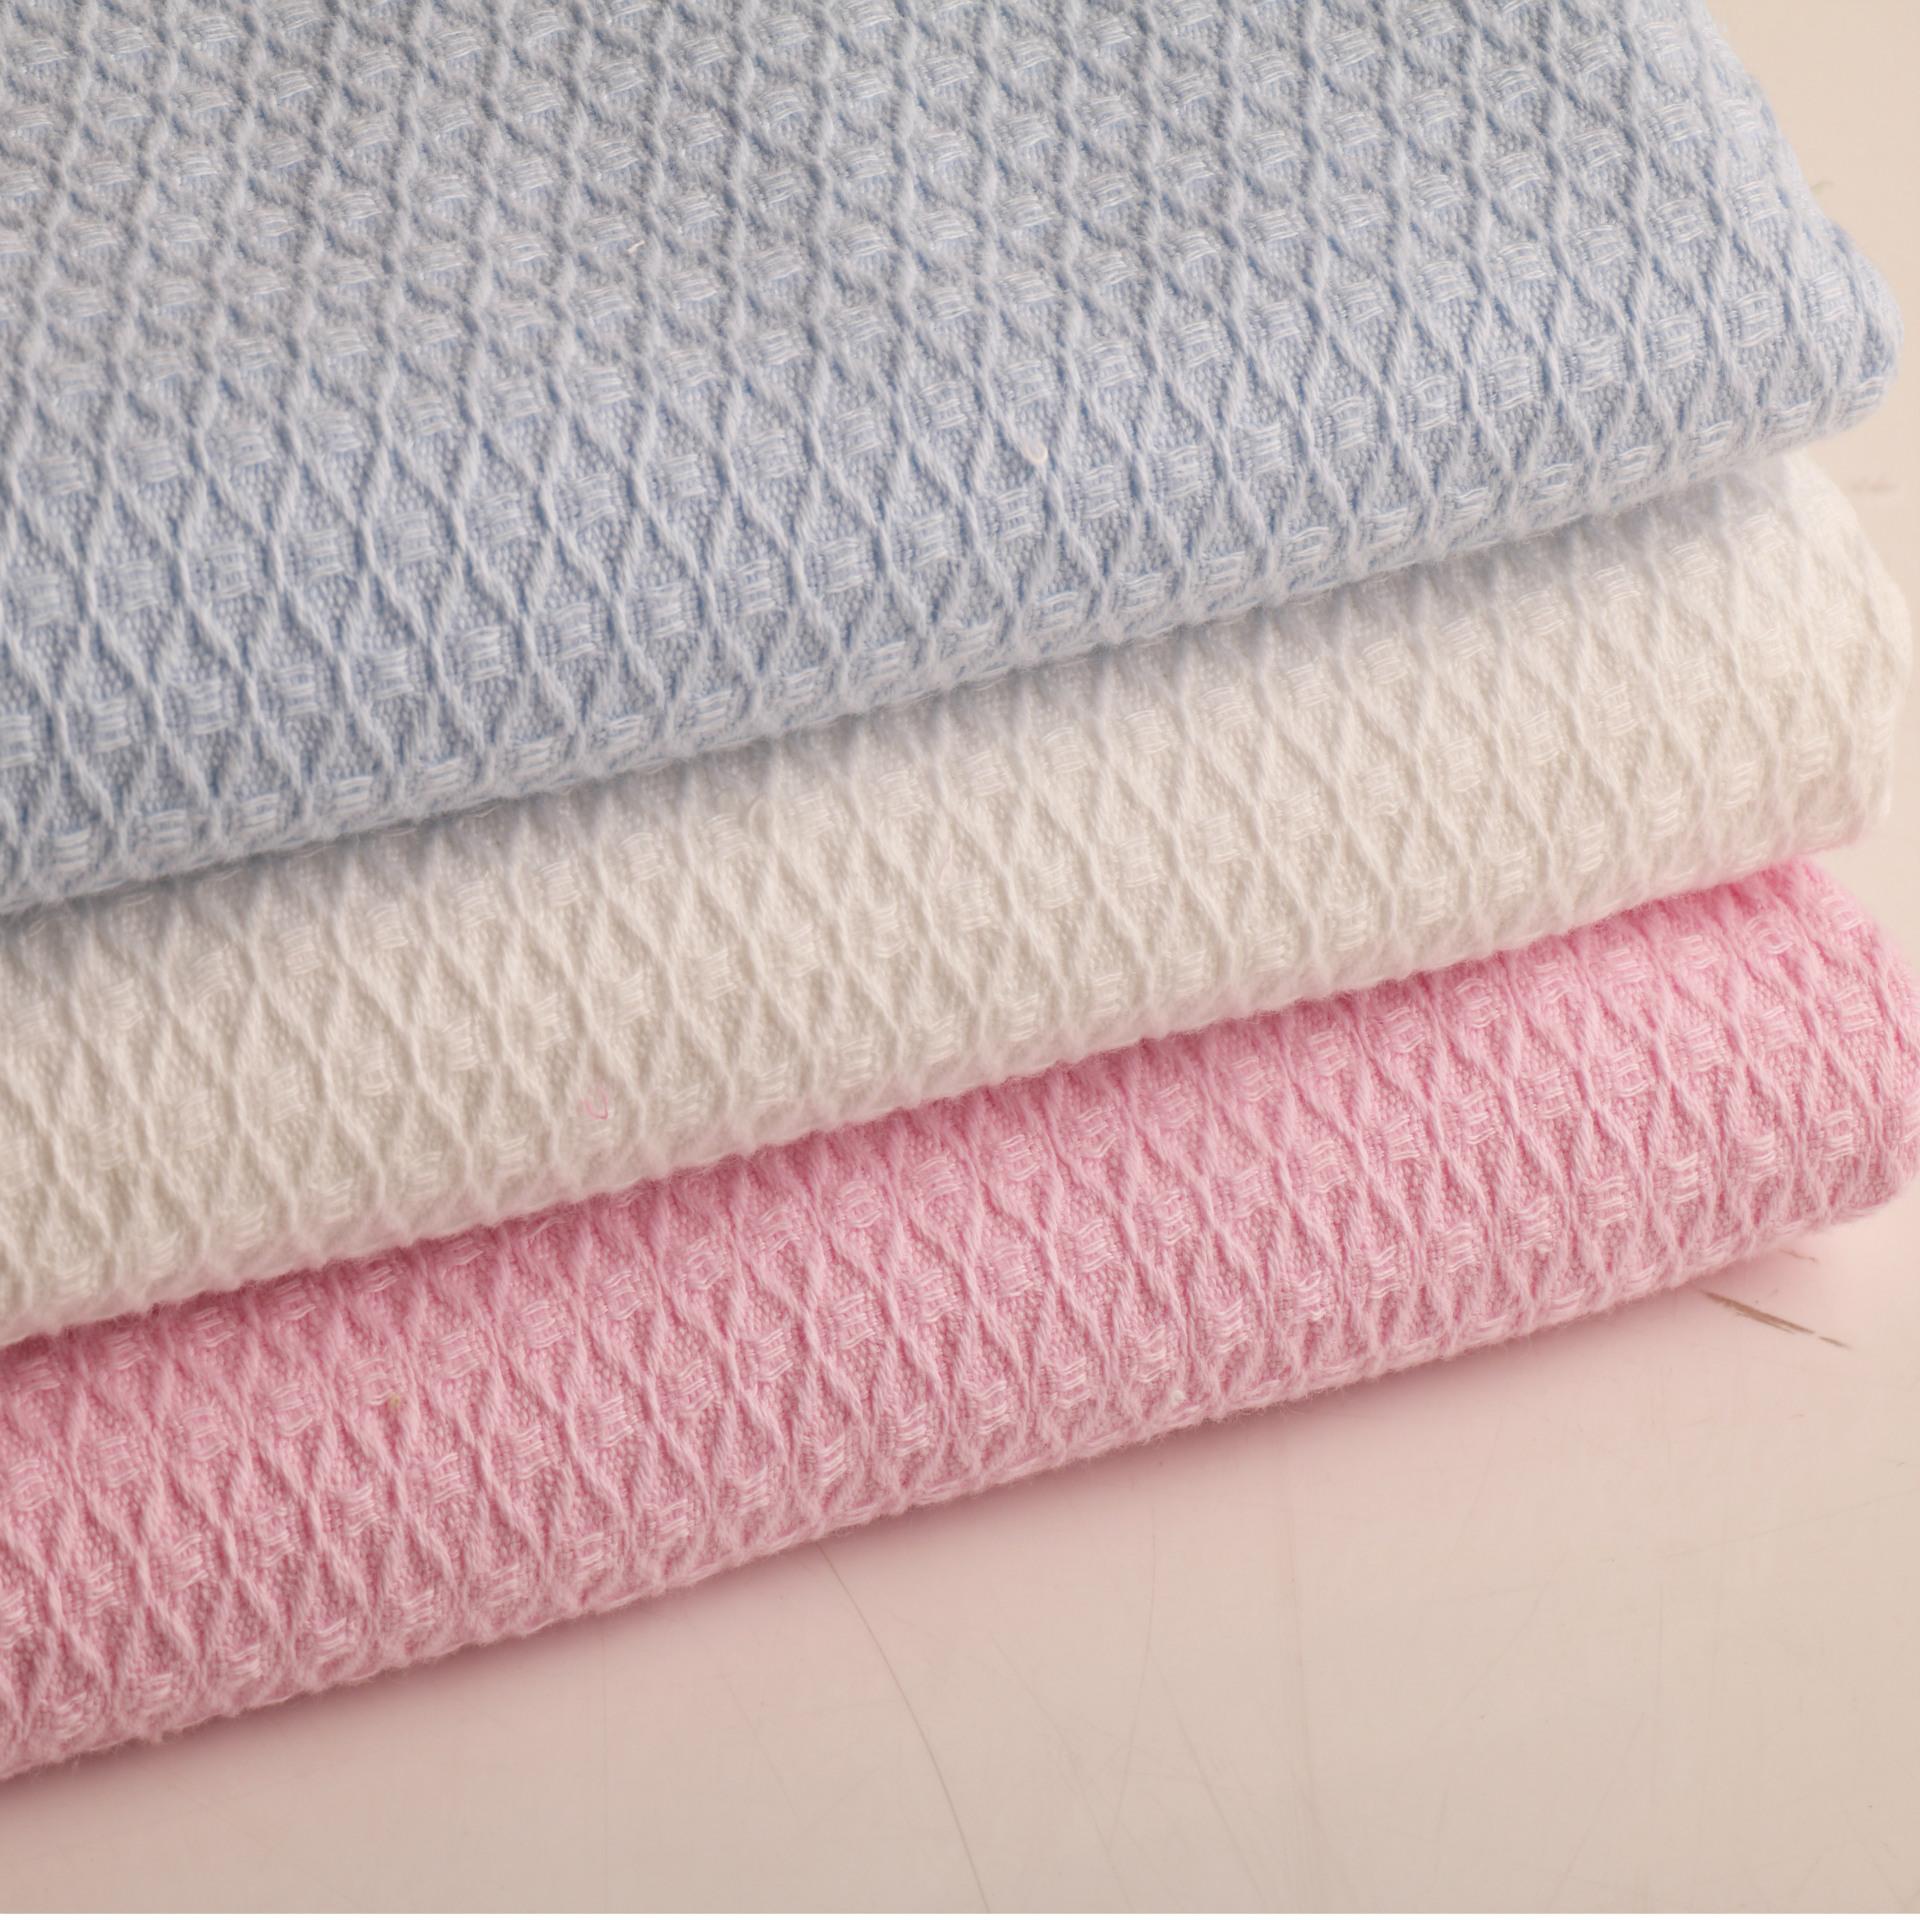 XINMEISHU Vải khăn lông Các nhà sản xuất cung cấp bánh bông gòn đan vải werry terry vải waff đồ ngủ